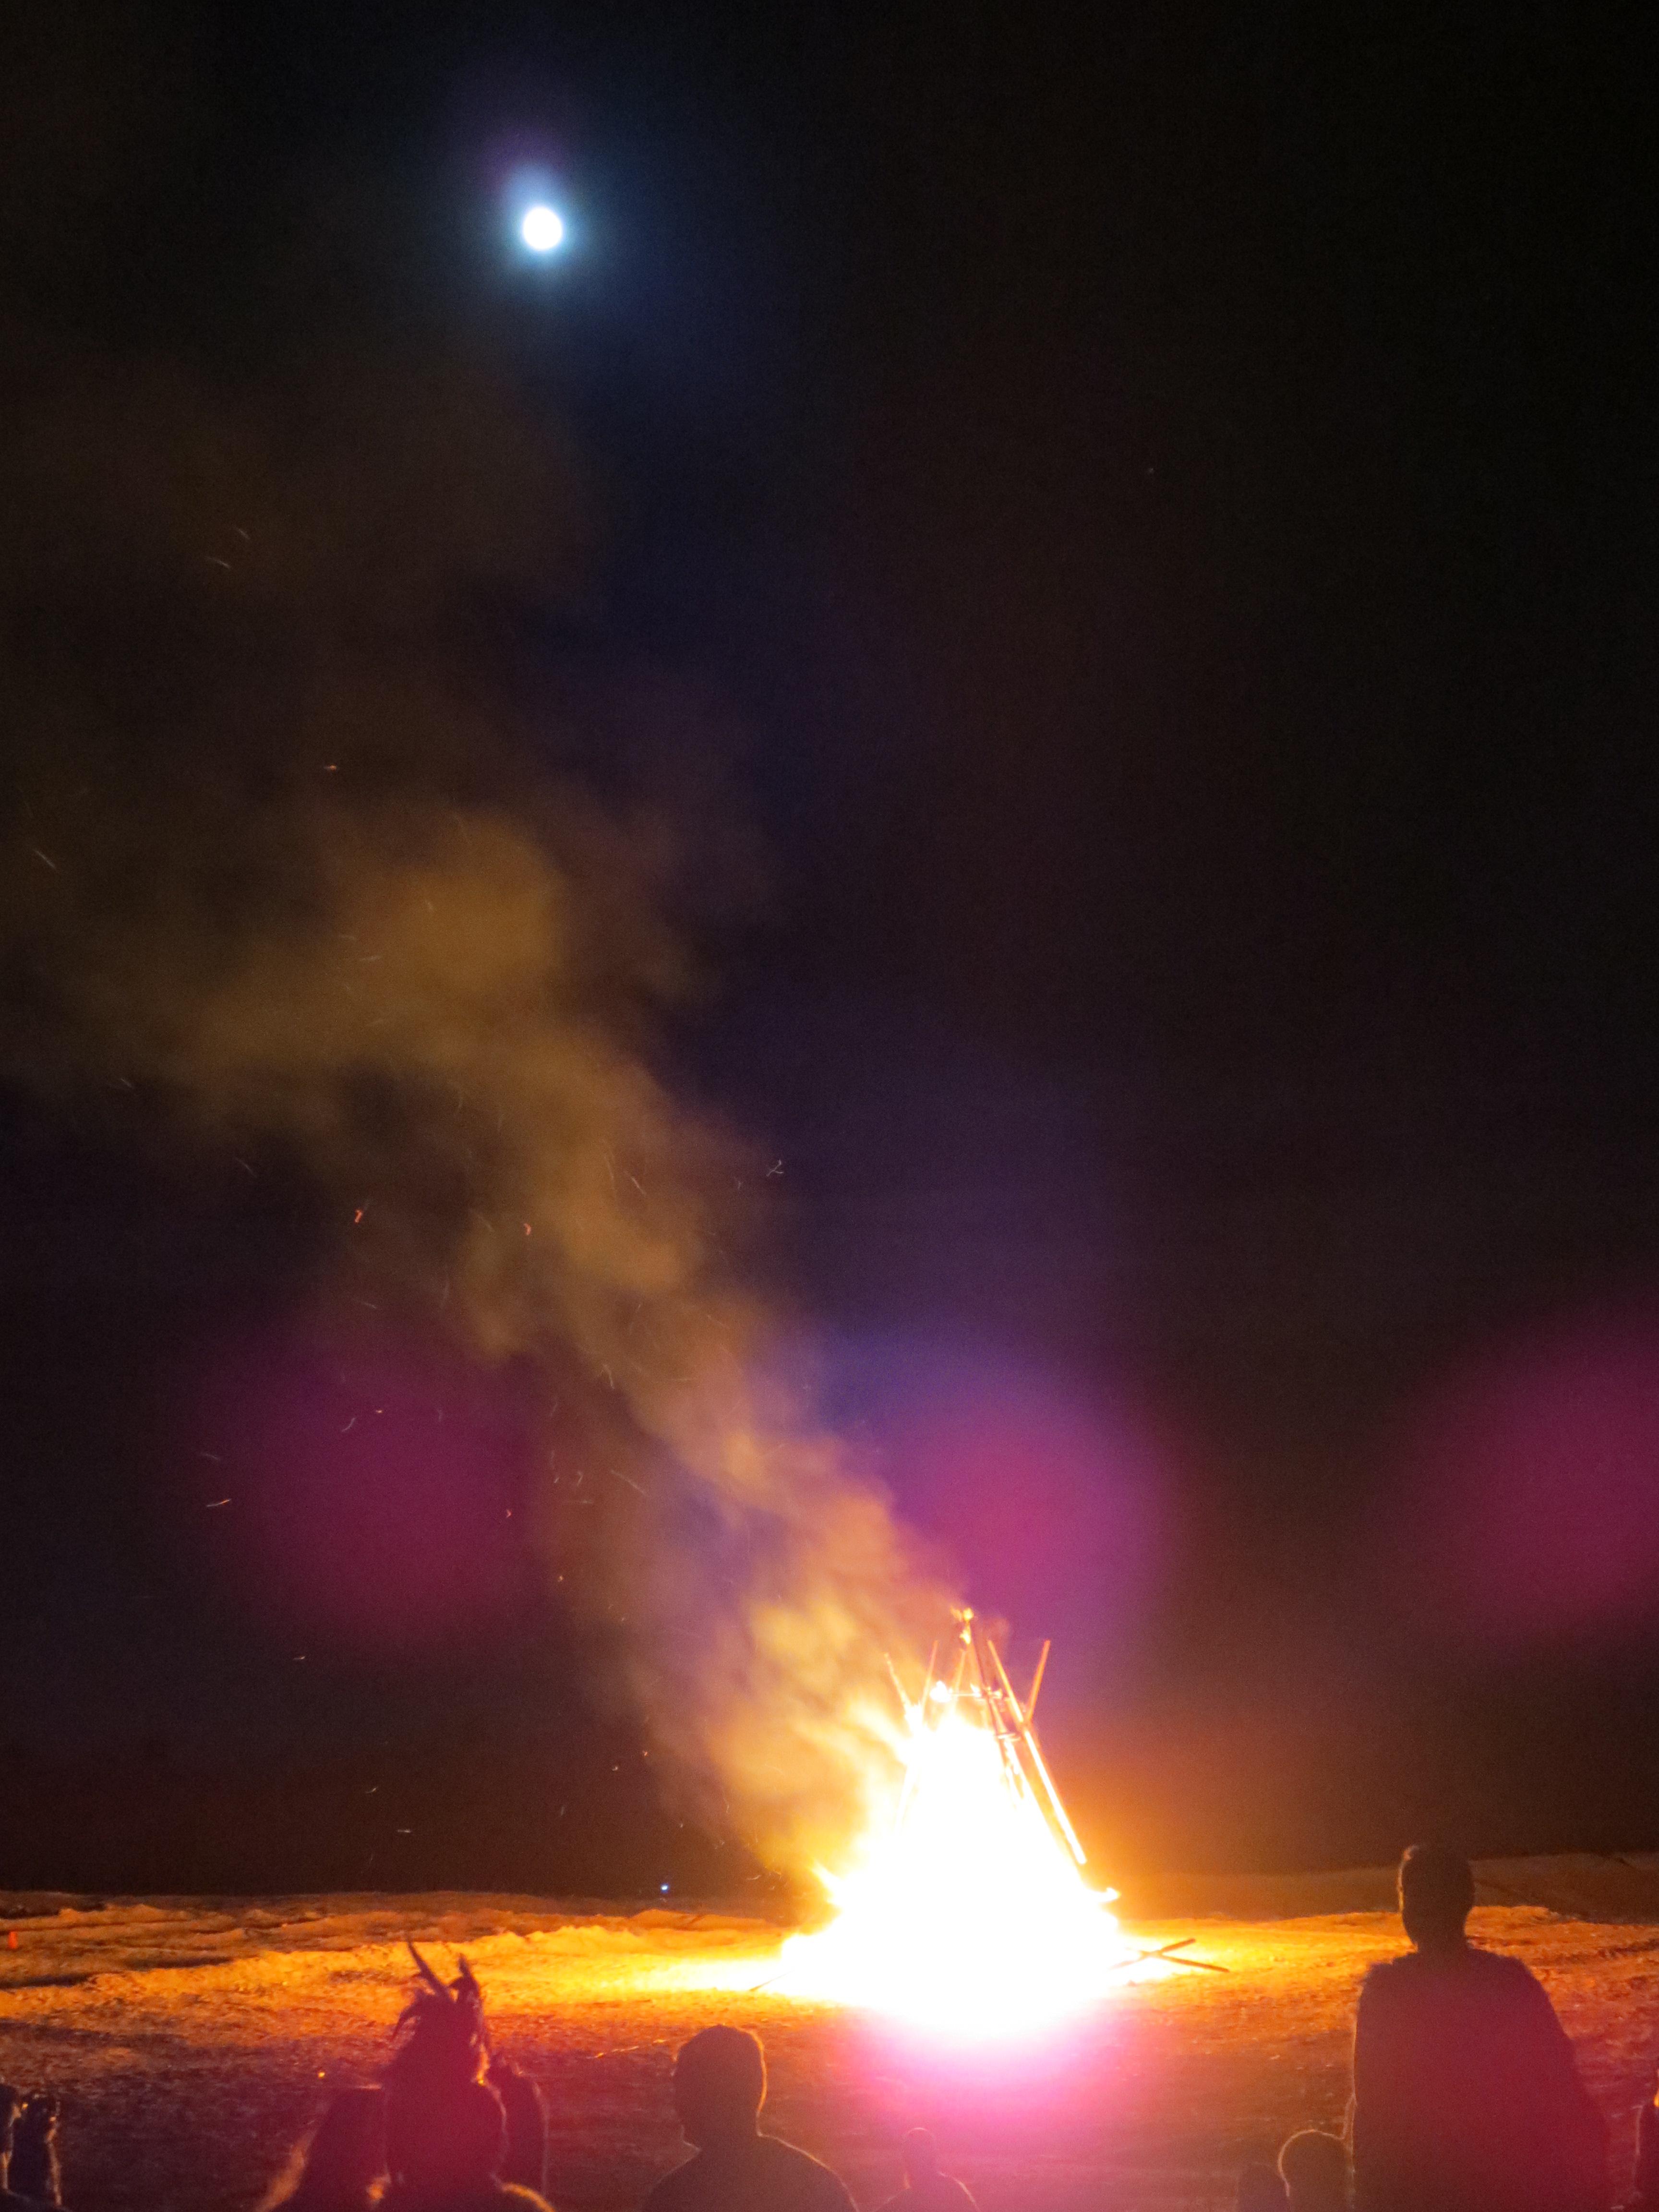 Burning by moonlight.